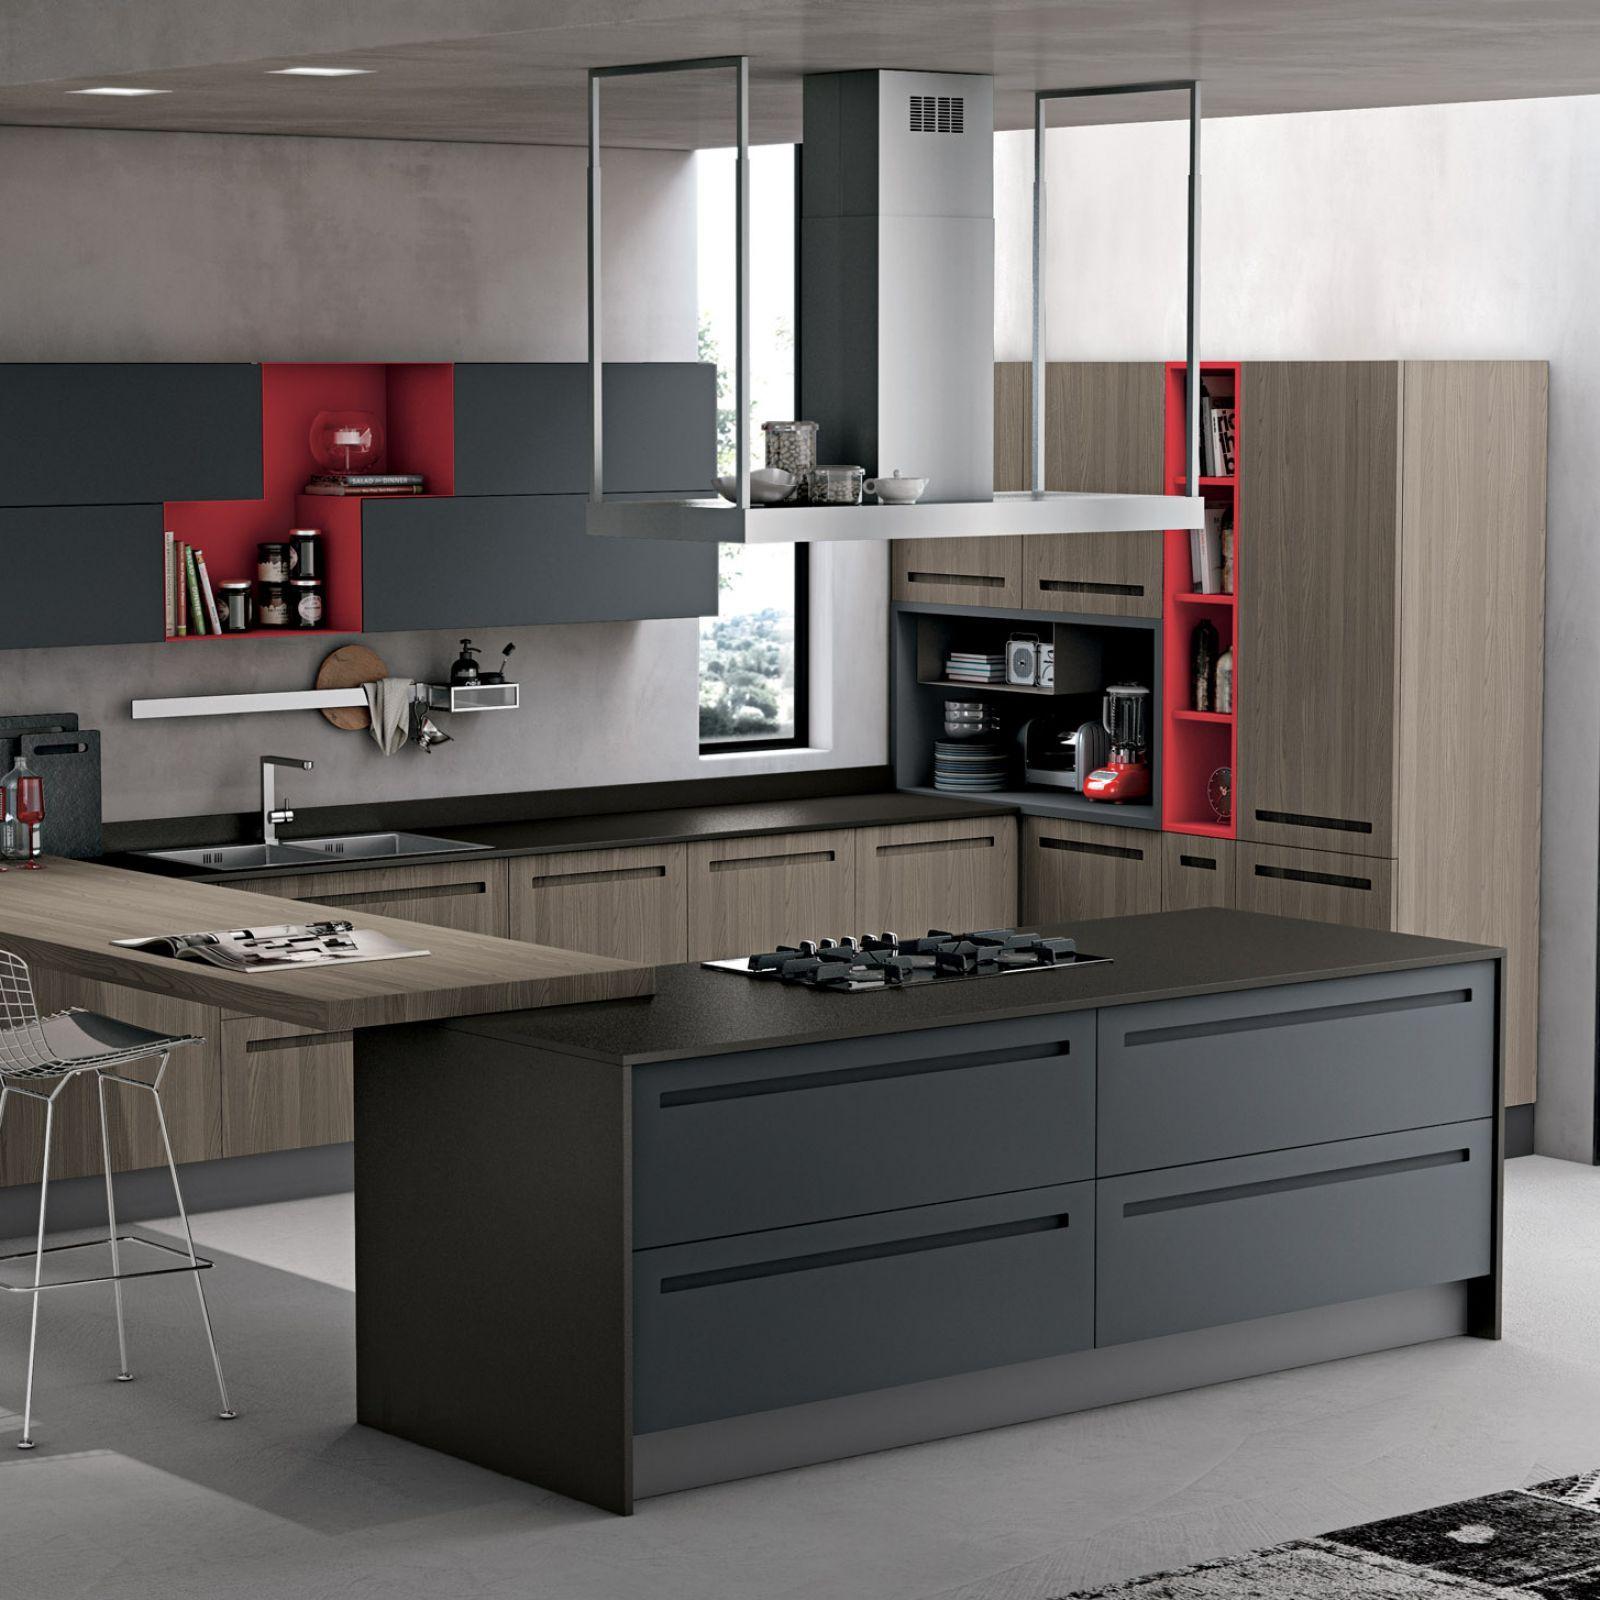 Stosa Mood La cucina moderna che disegna lo spazio unendo kitchen e living con una